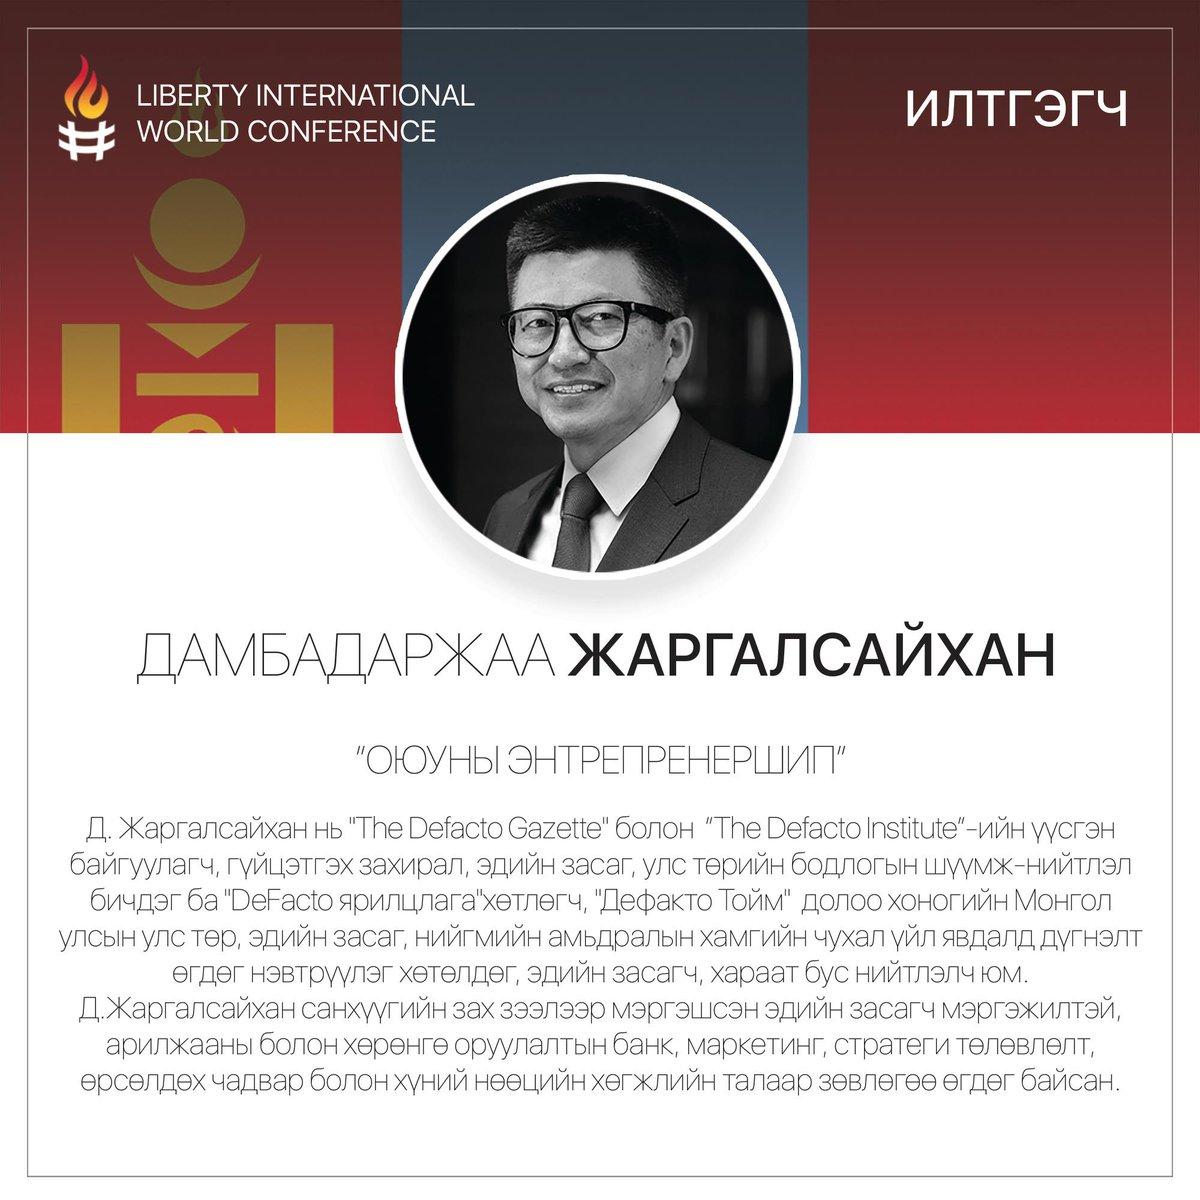 35 дахь удаагийн Либерти Интернэшнл Конференц Монголд. Олон орны эдийн засагч, эрх чөлөөнд дурлагсад нэг дор цуглах арга хэмжээ Монголд анх удаагаа болно. Үндсэн сэдэв Entrepreneurship & Innovation. 30 илтгэгчтэй.  https://conference.freemarket.mn/mn  #libertyinternationalconference2019